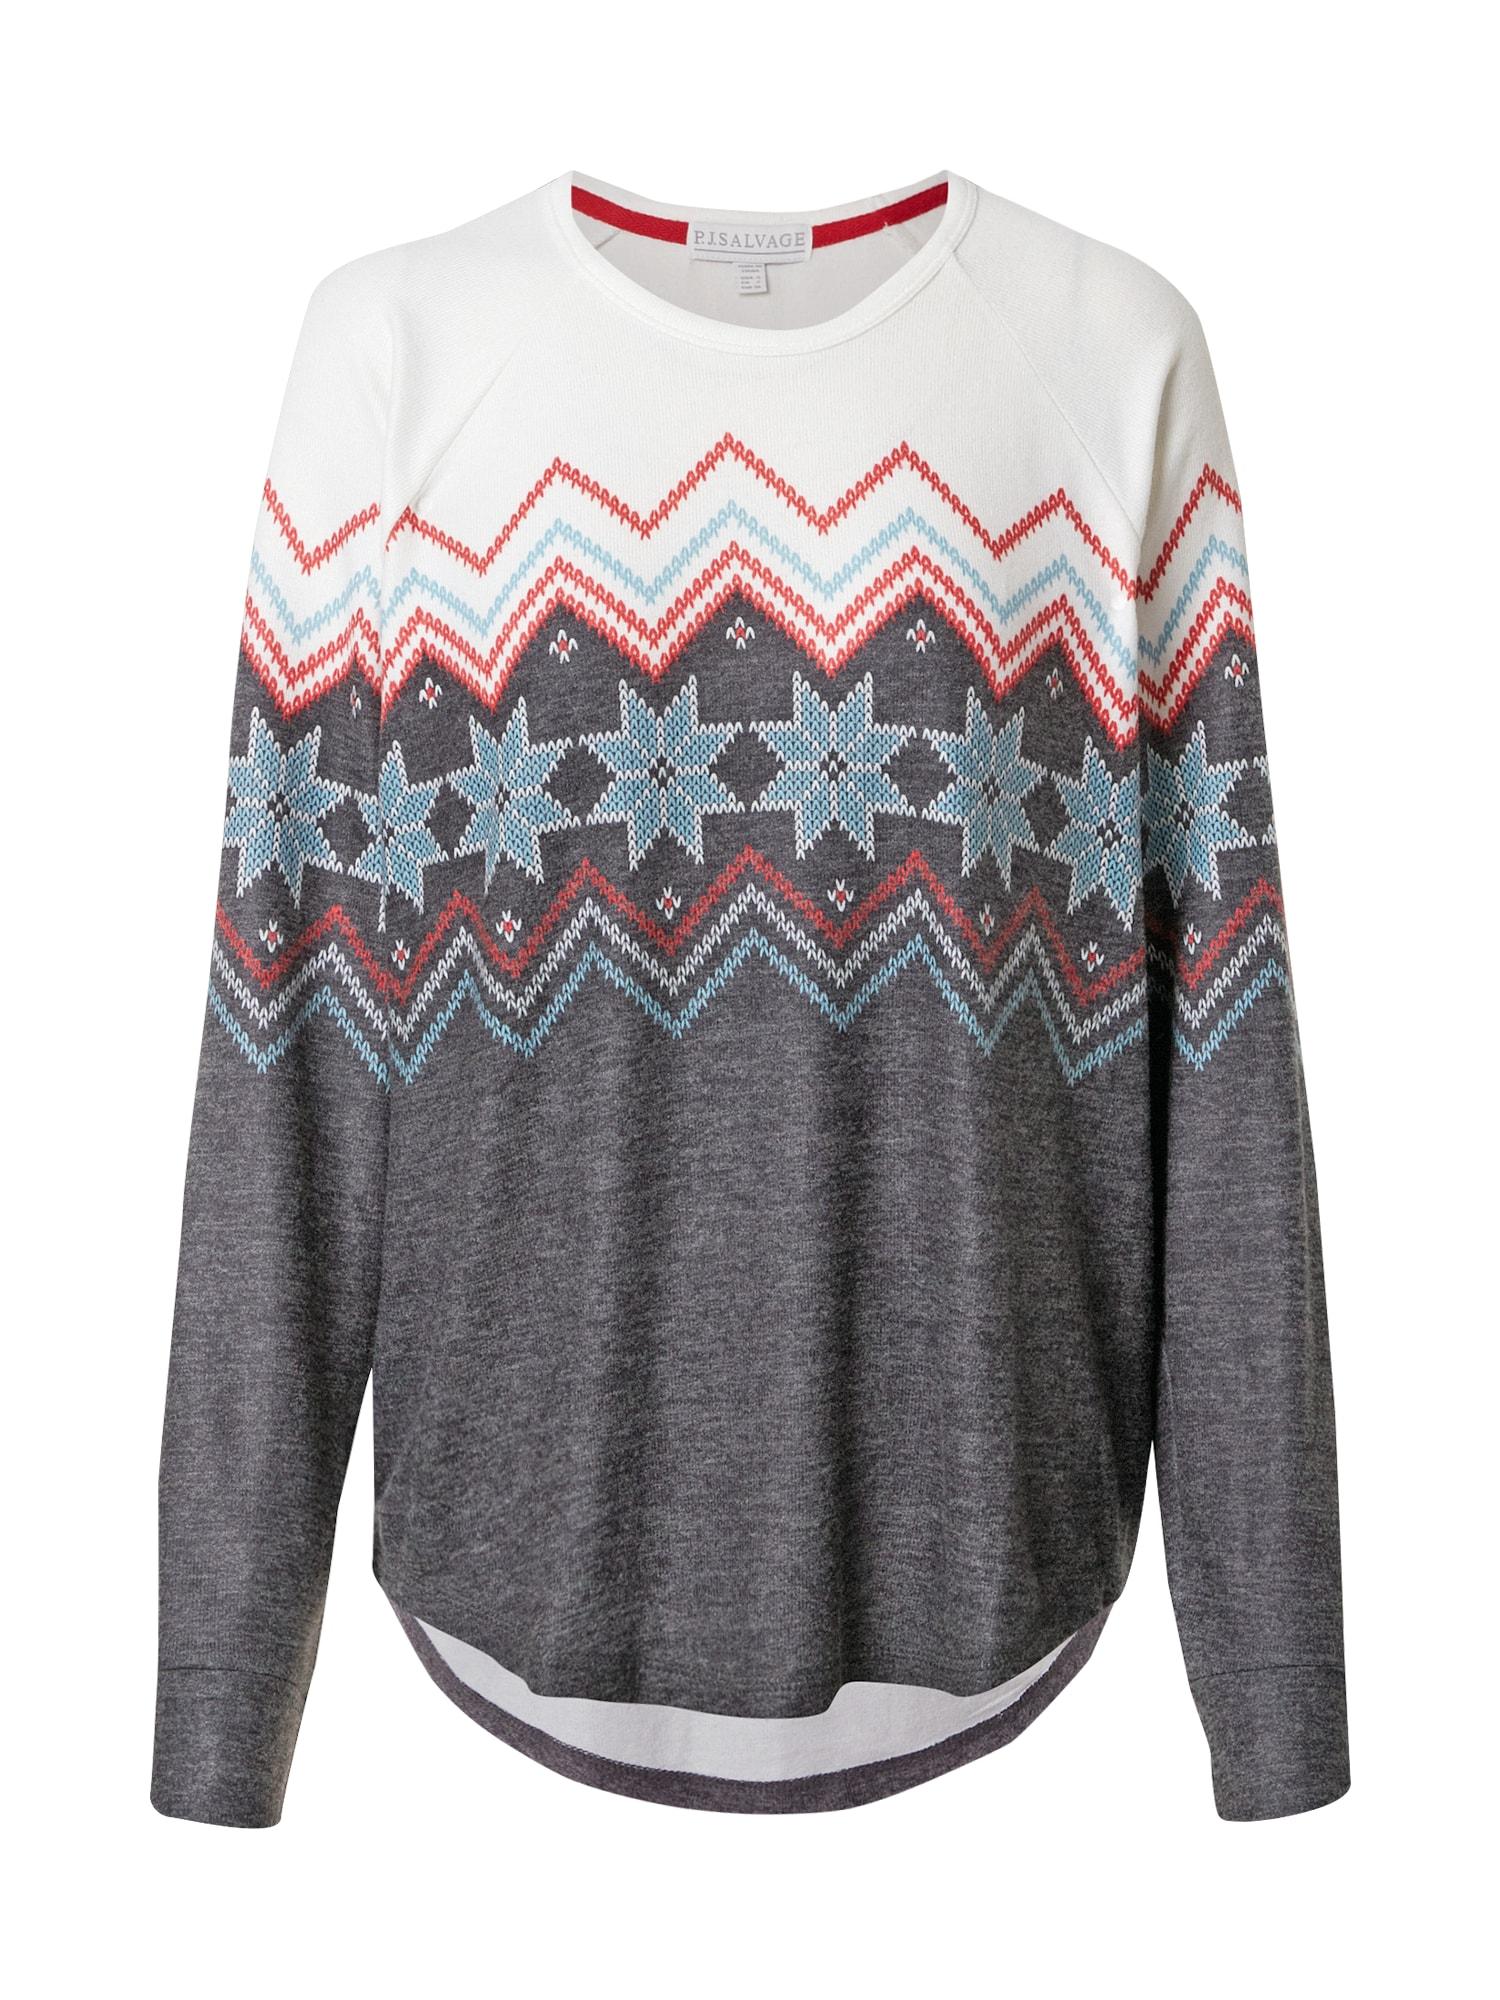 PJ Salvage Pižaminiai marškinėliai margai pilka / balta / raudona / šviesiai mėlyna